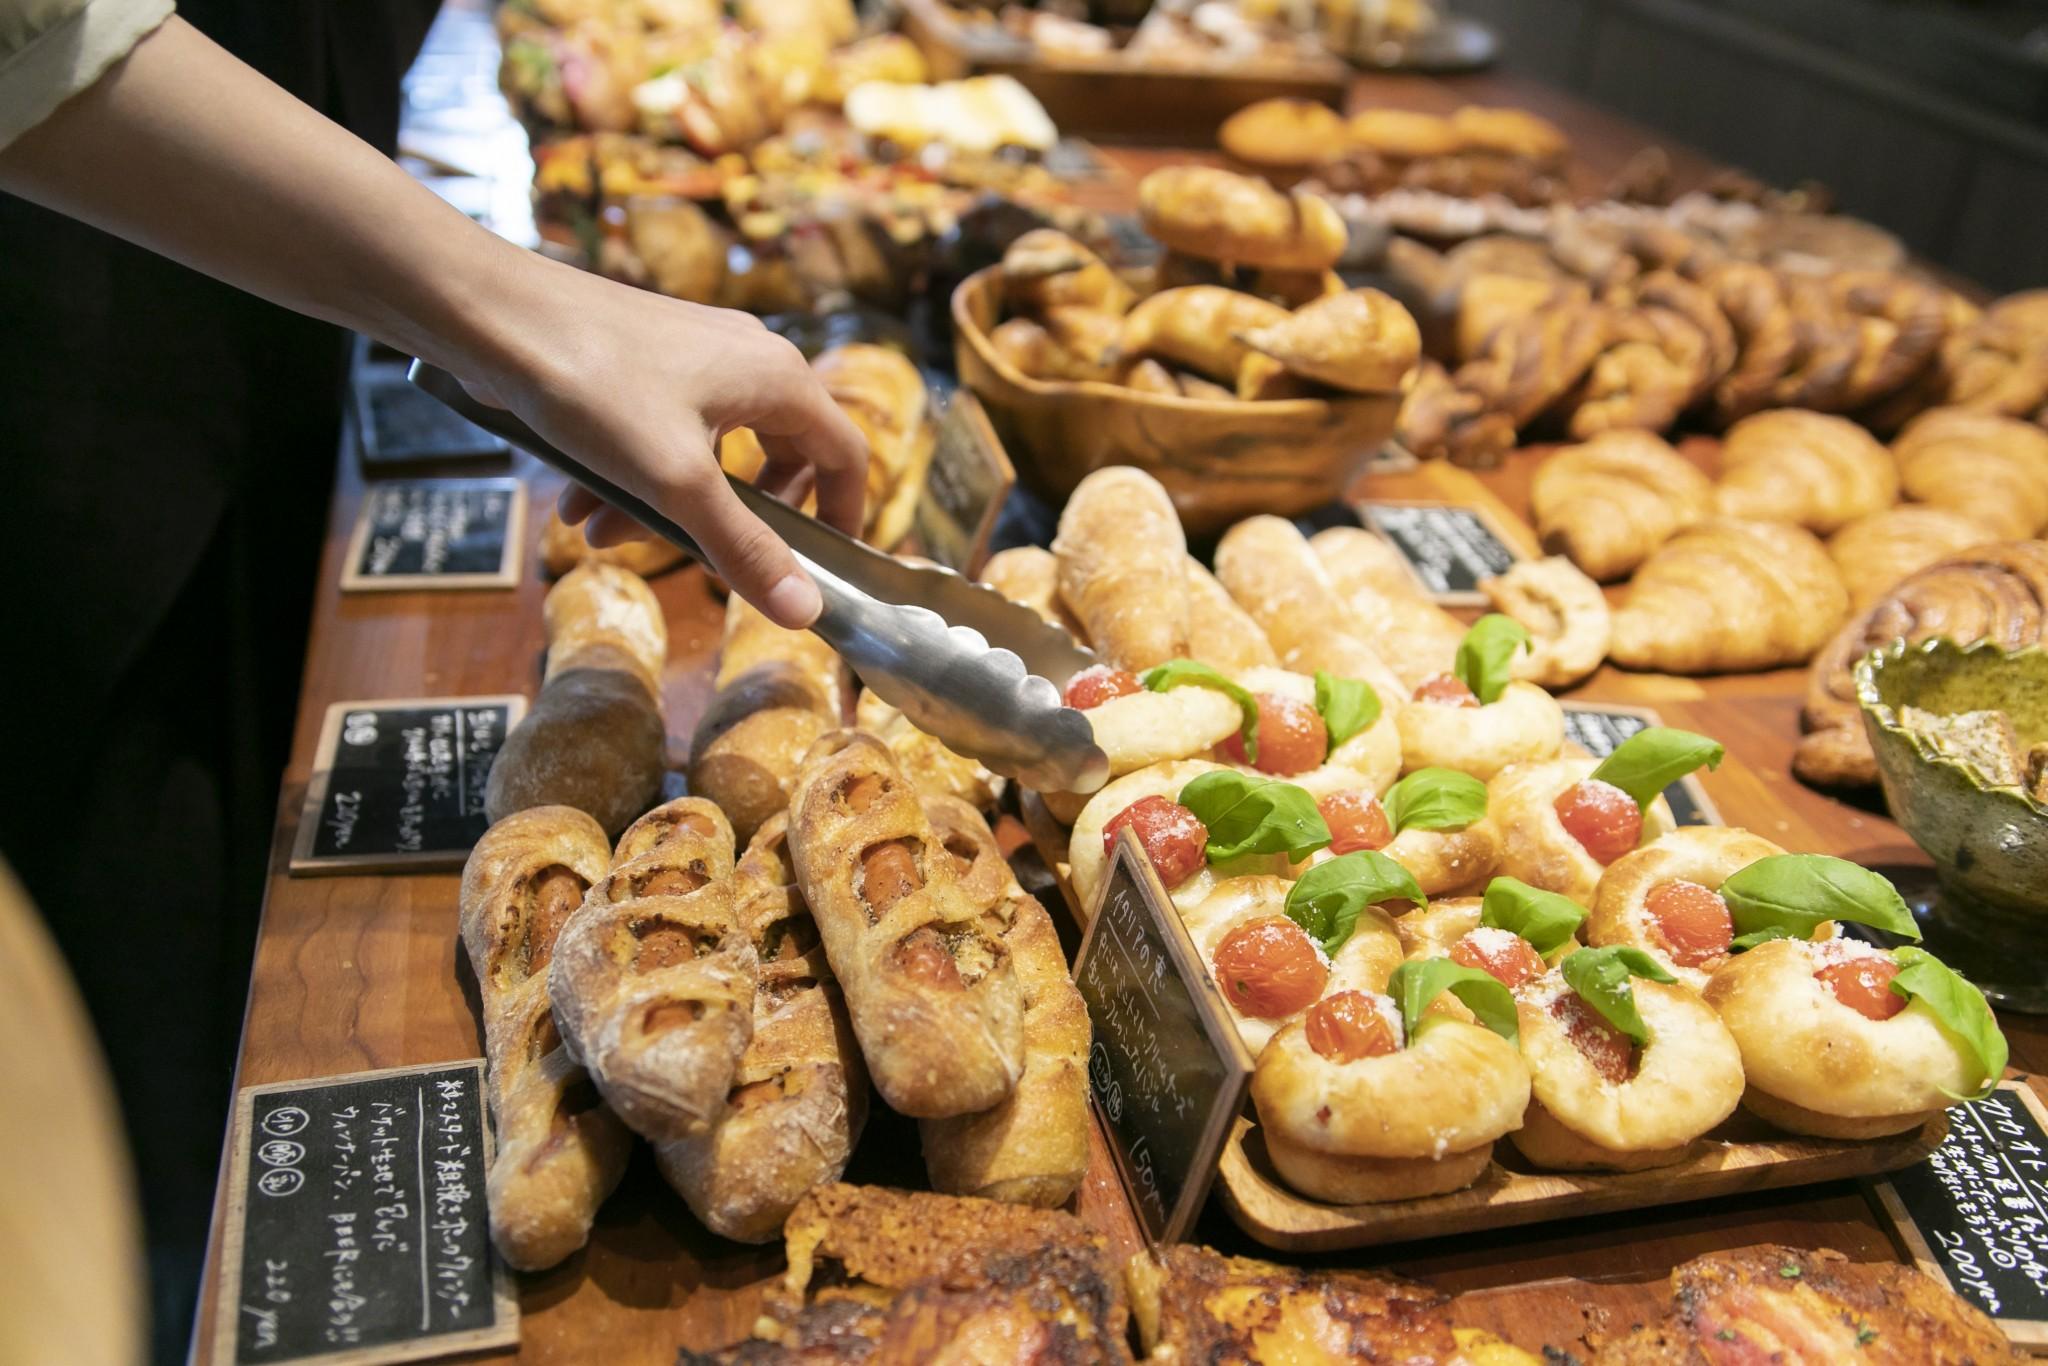 【福岡】一度は行きたいベーカリーカタログ10選!グルメ大国・福岡はパンの聖地に。